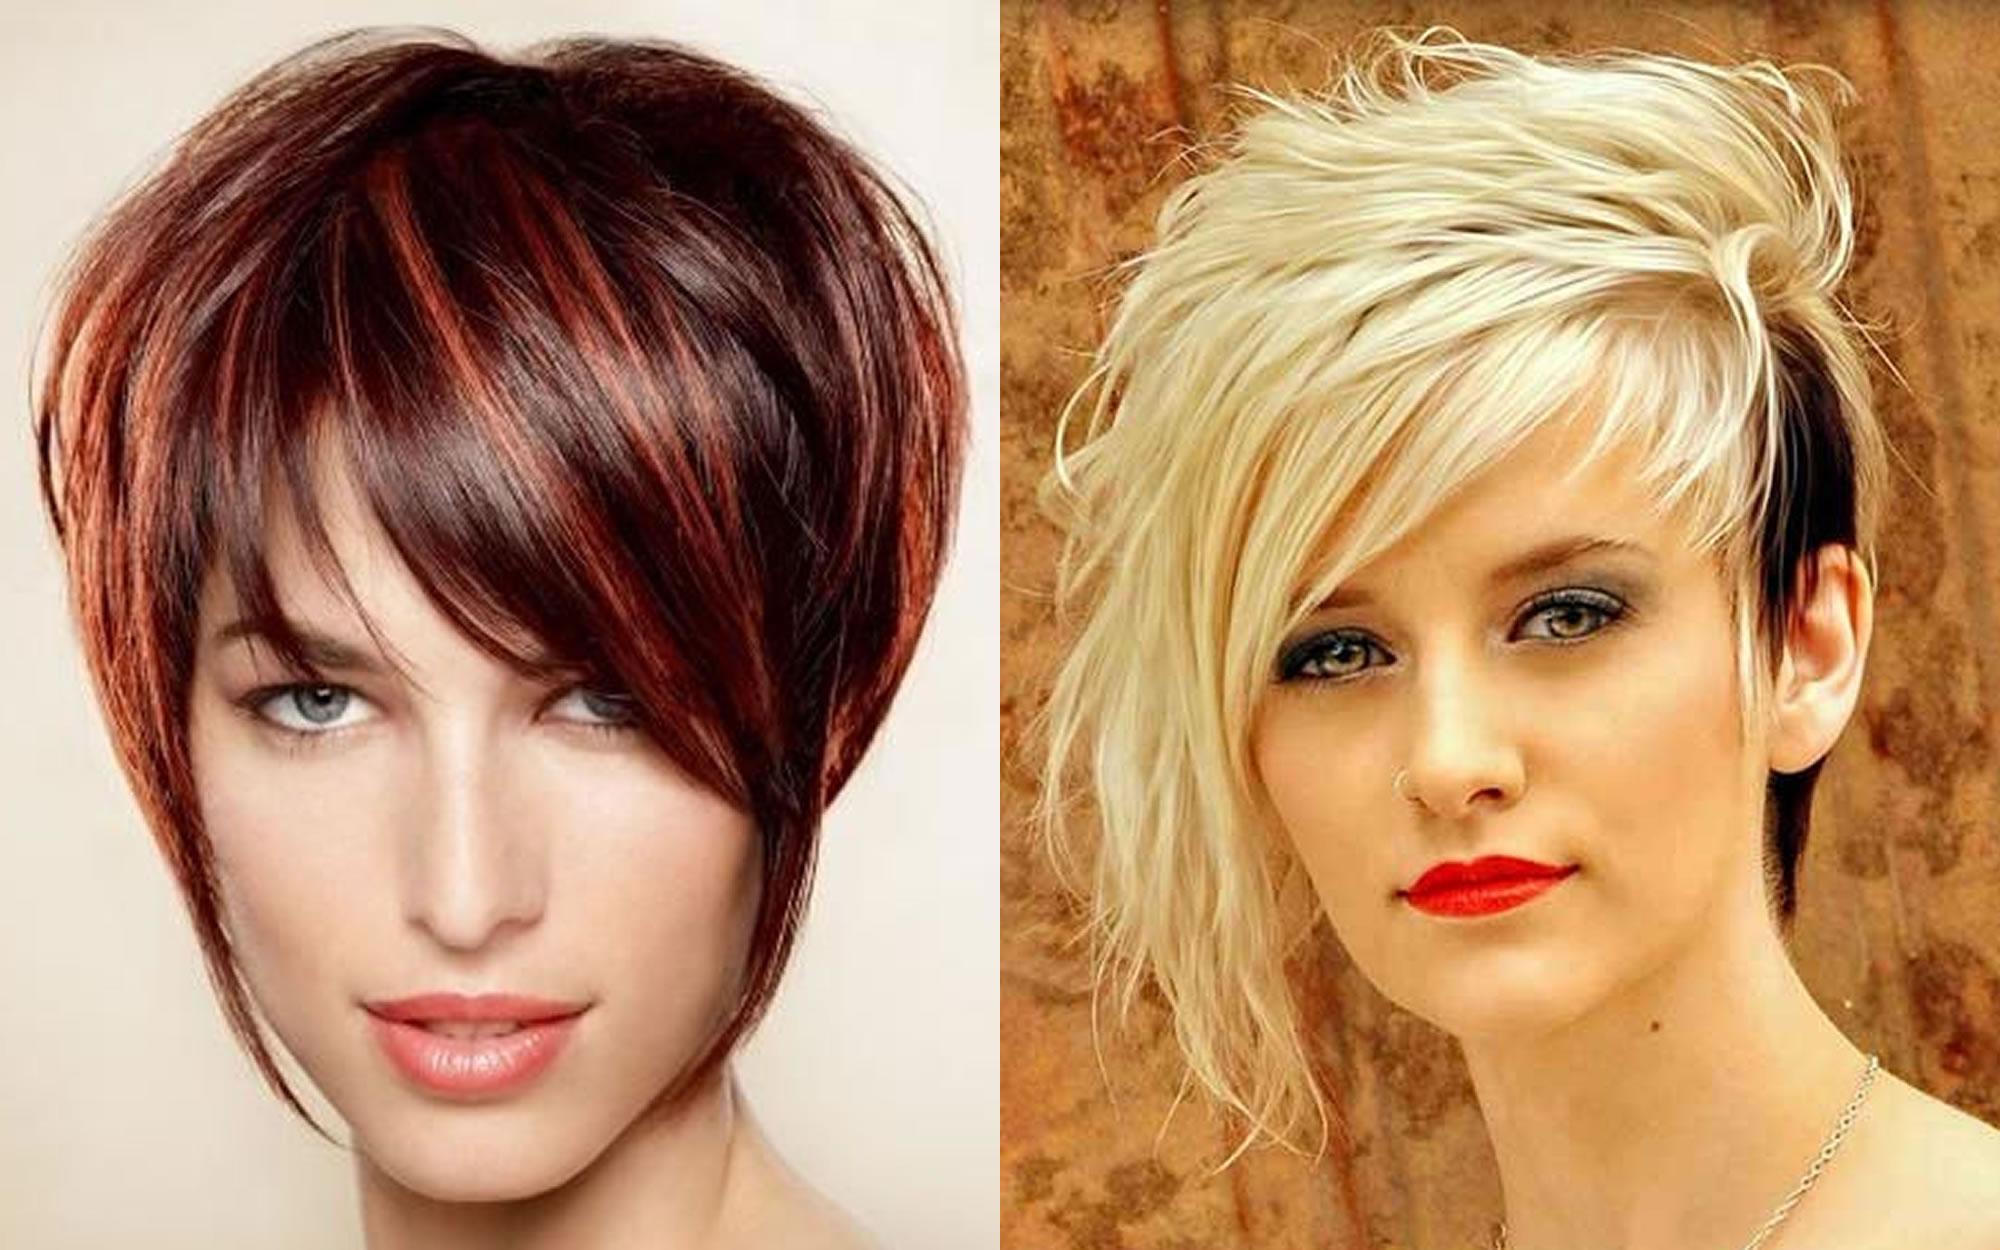 Balayage short hairstyles 2019-Amazing hairstyle! 1